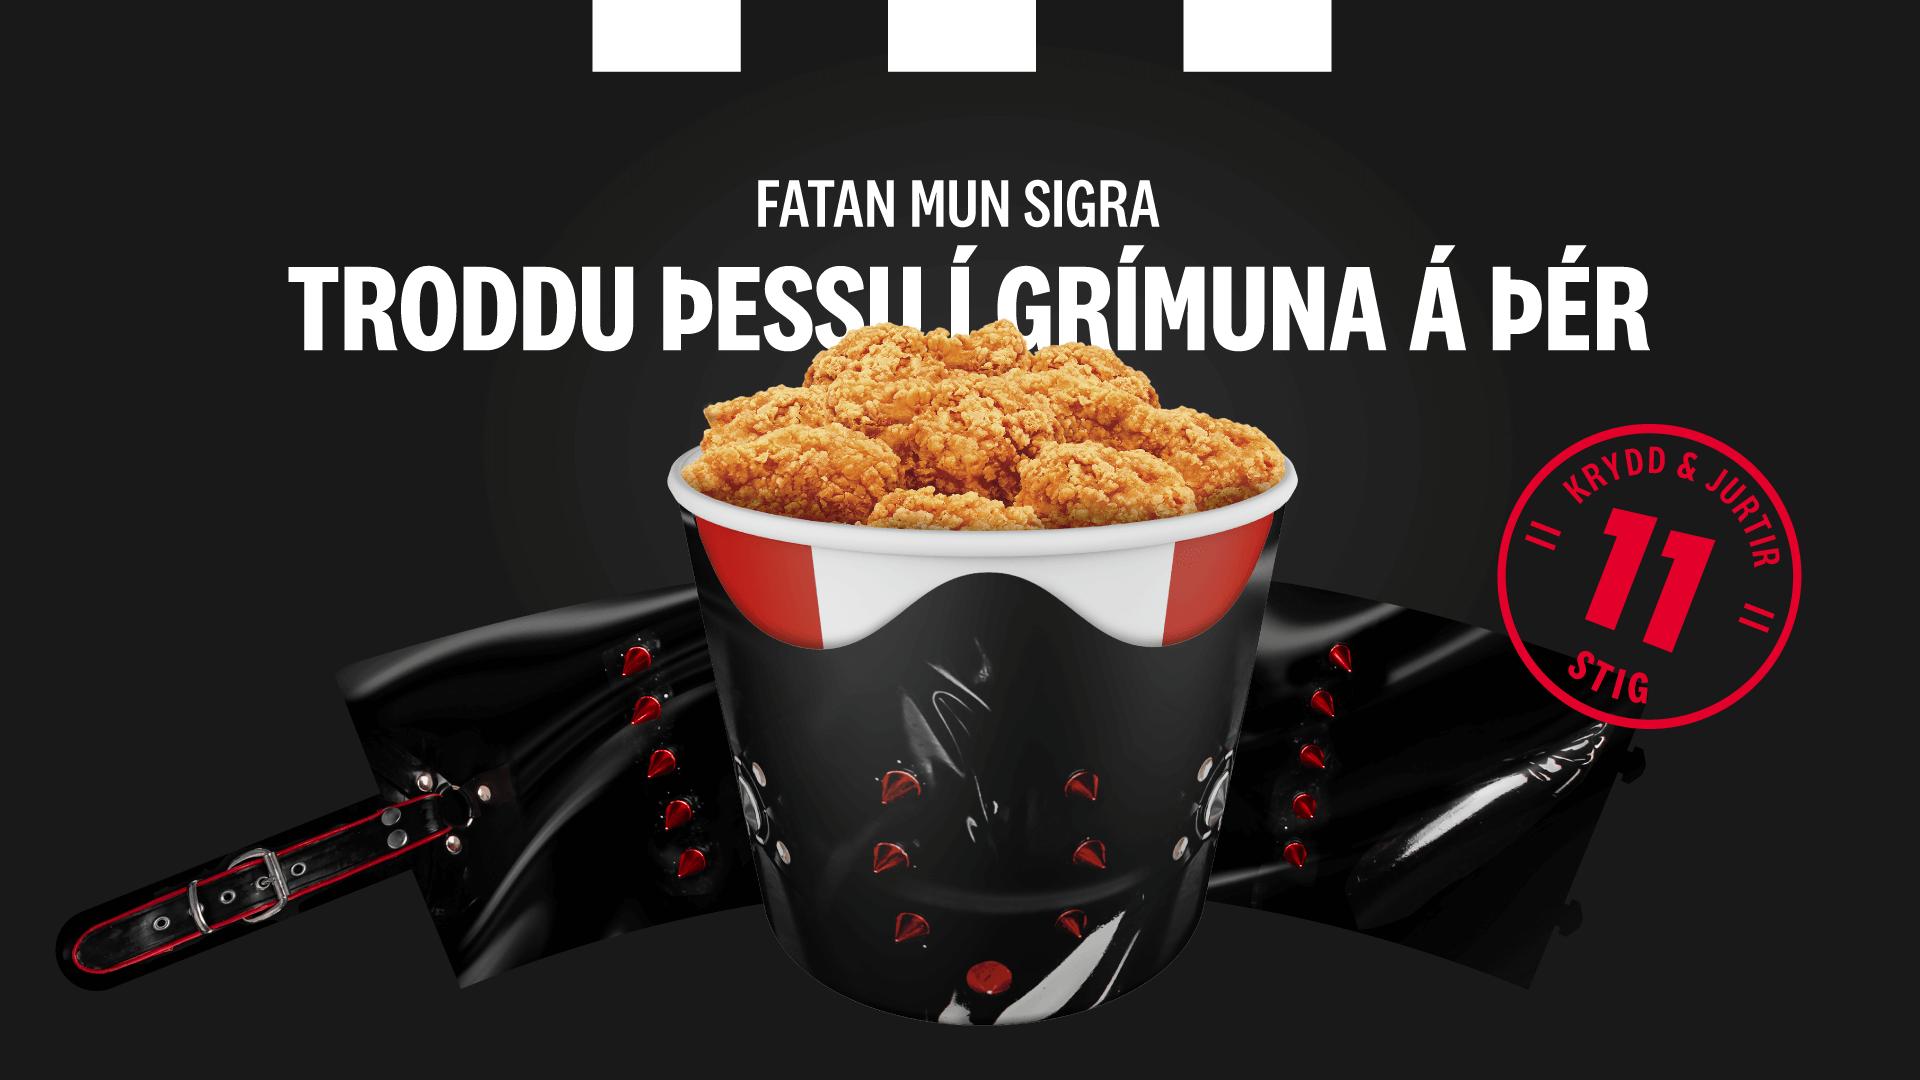 Auglýsingaherferð fyrir KFC - Troddu þessu í grímuna á þér